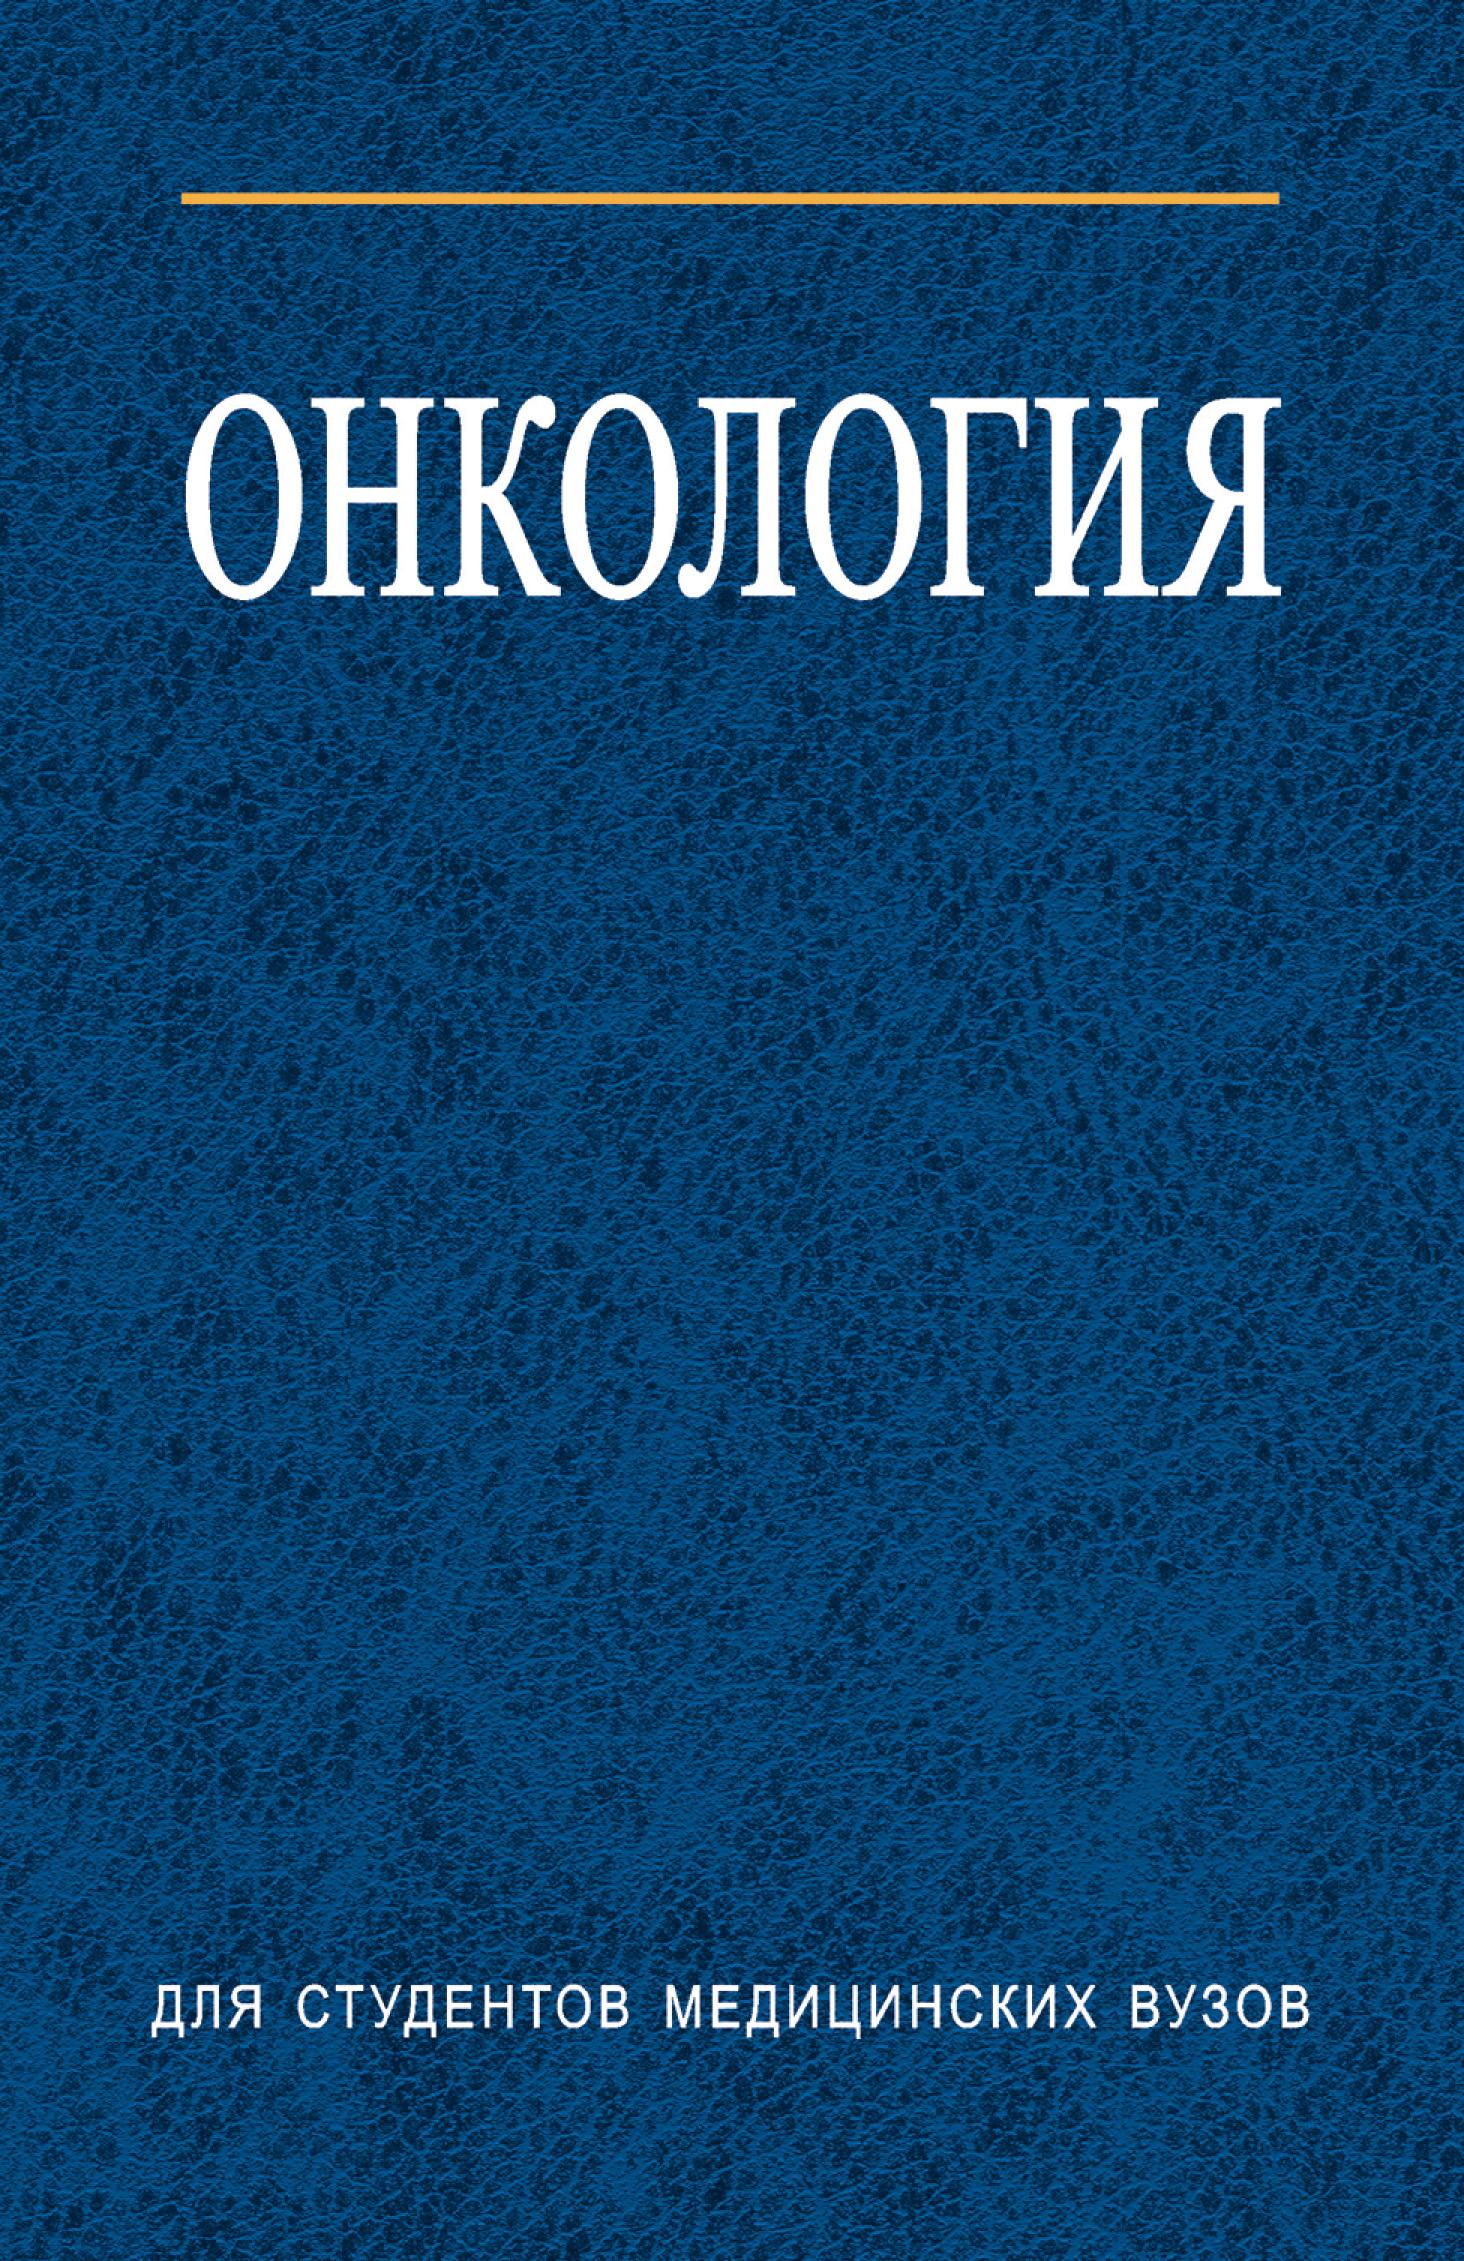 Коллектив авторов Онкология коллектив авторов итоговая государственная аттестация выпускников вузов